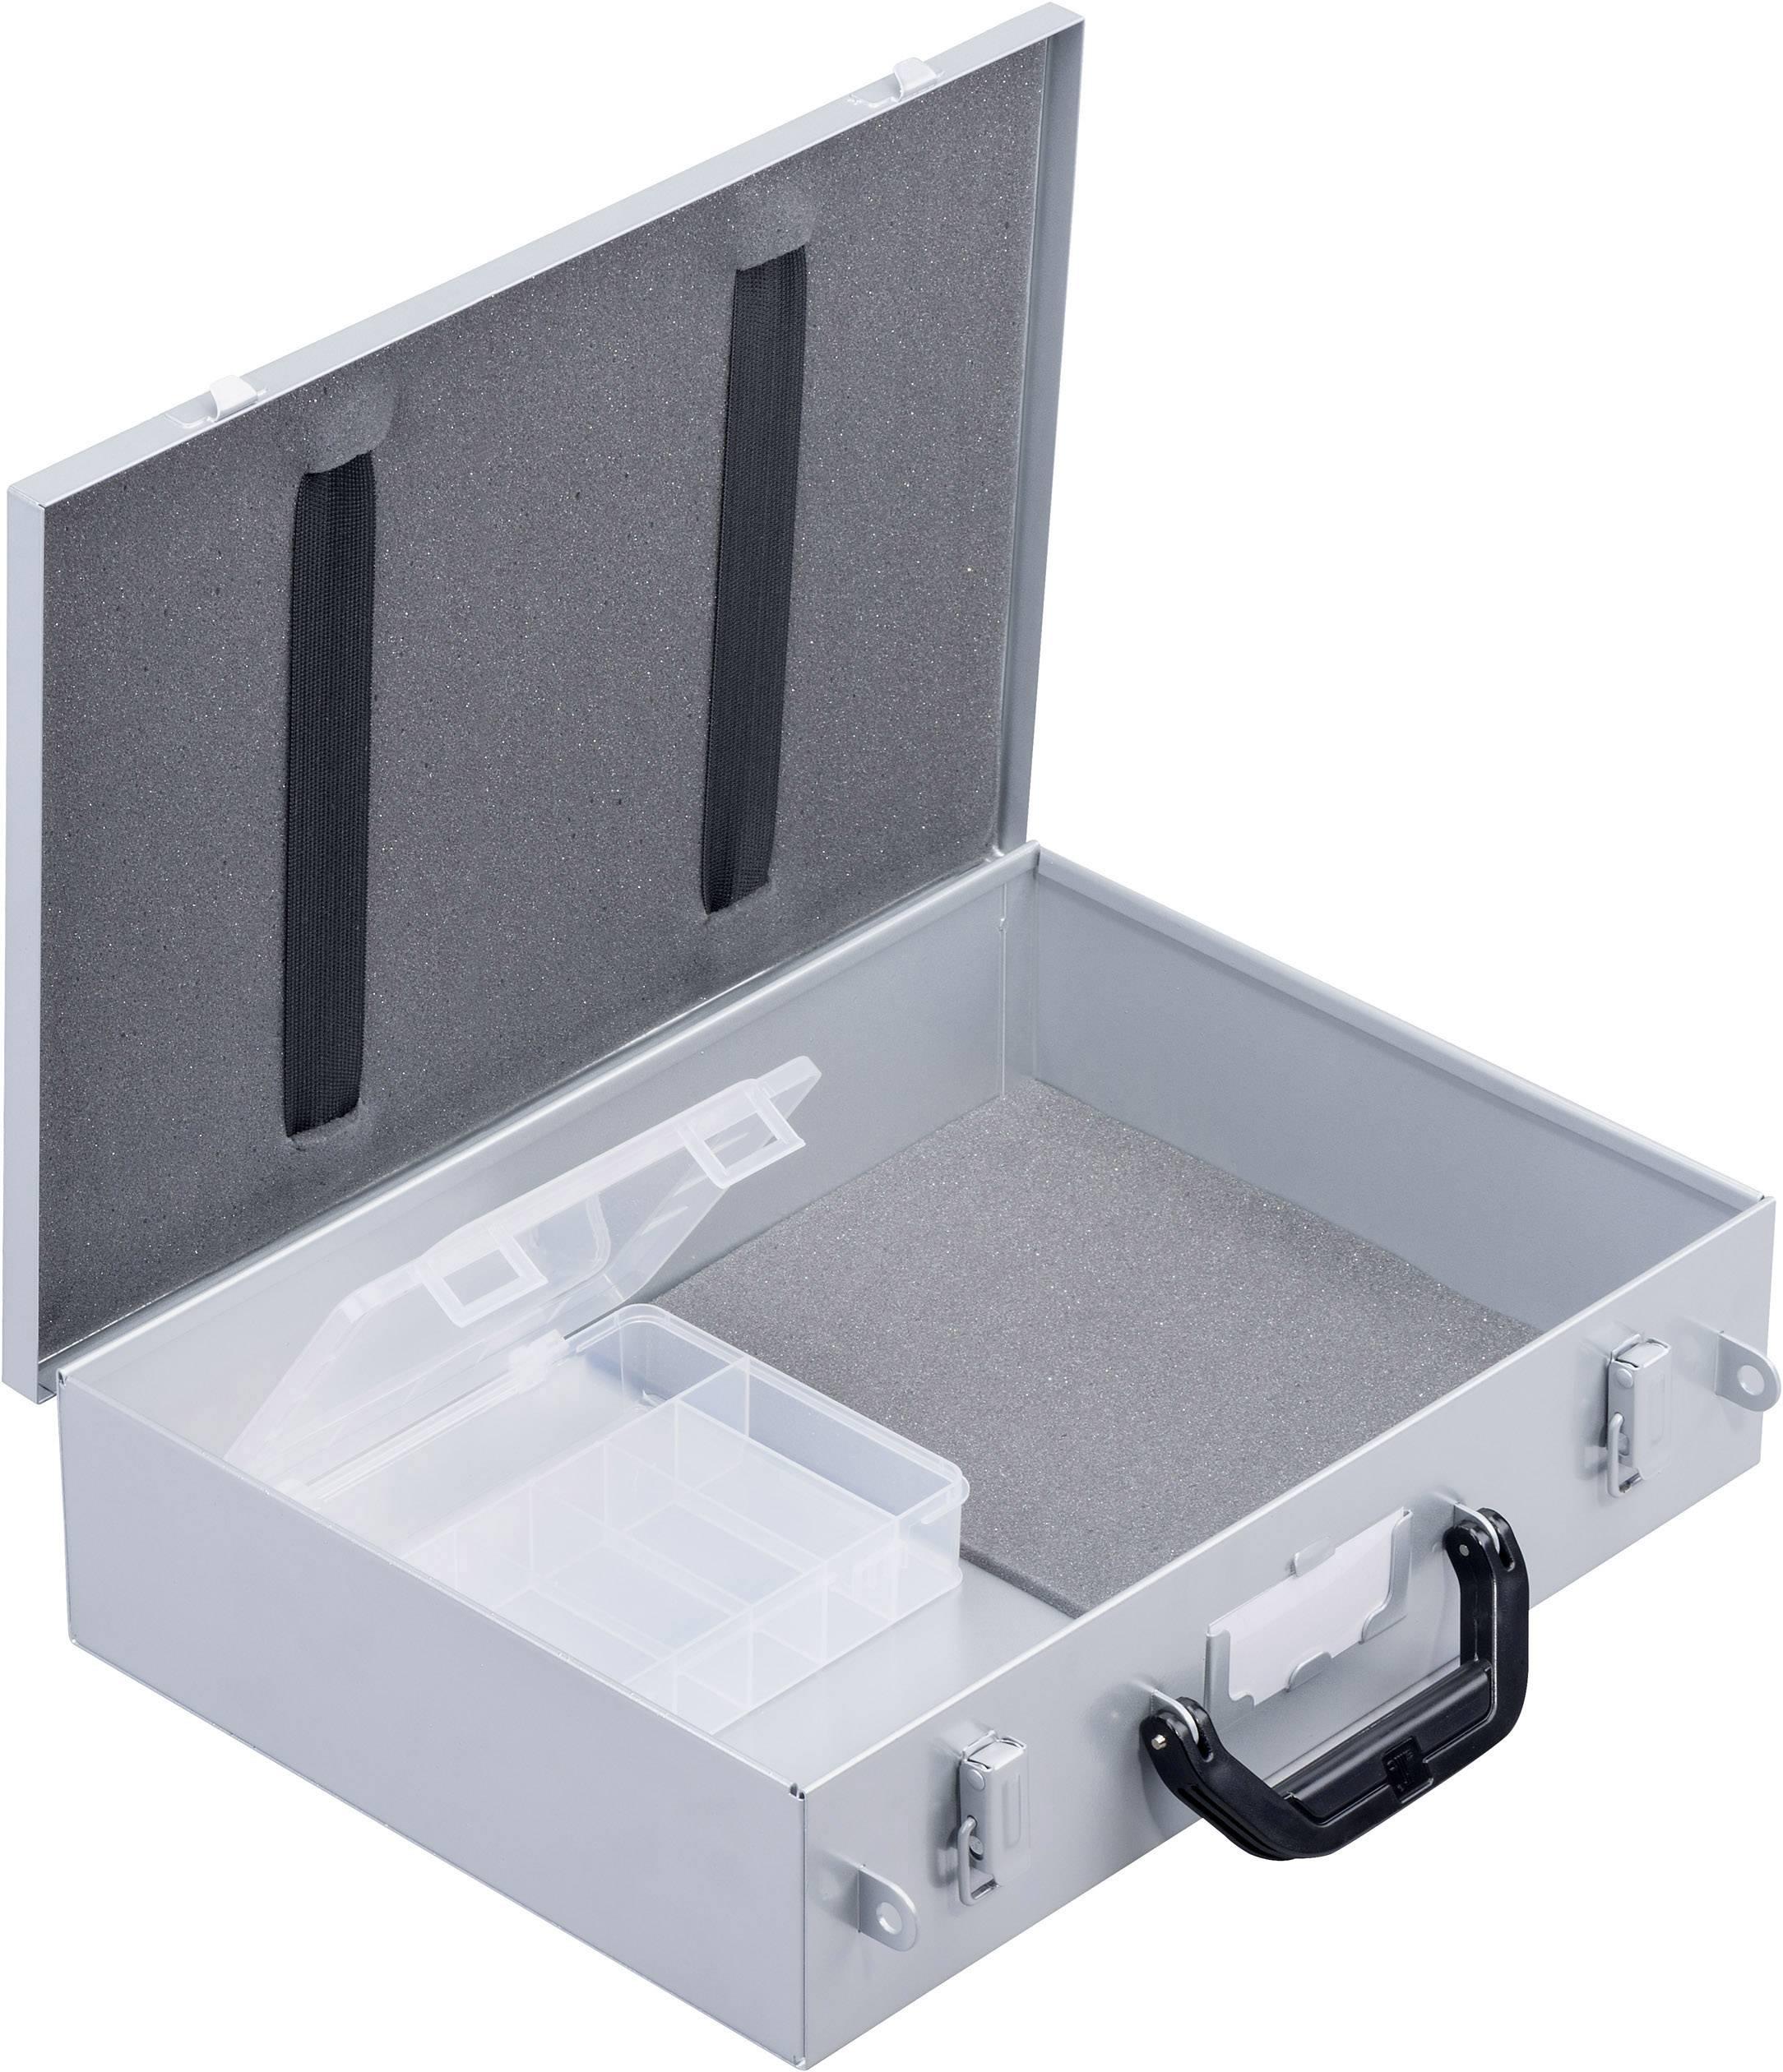 Kufřík na nářadí Allit DinoPlus Pro M 39 490633, (d x š x v) 395 x 300 x 95 mm